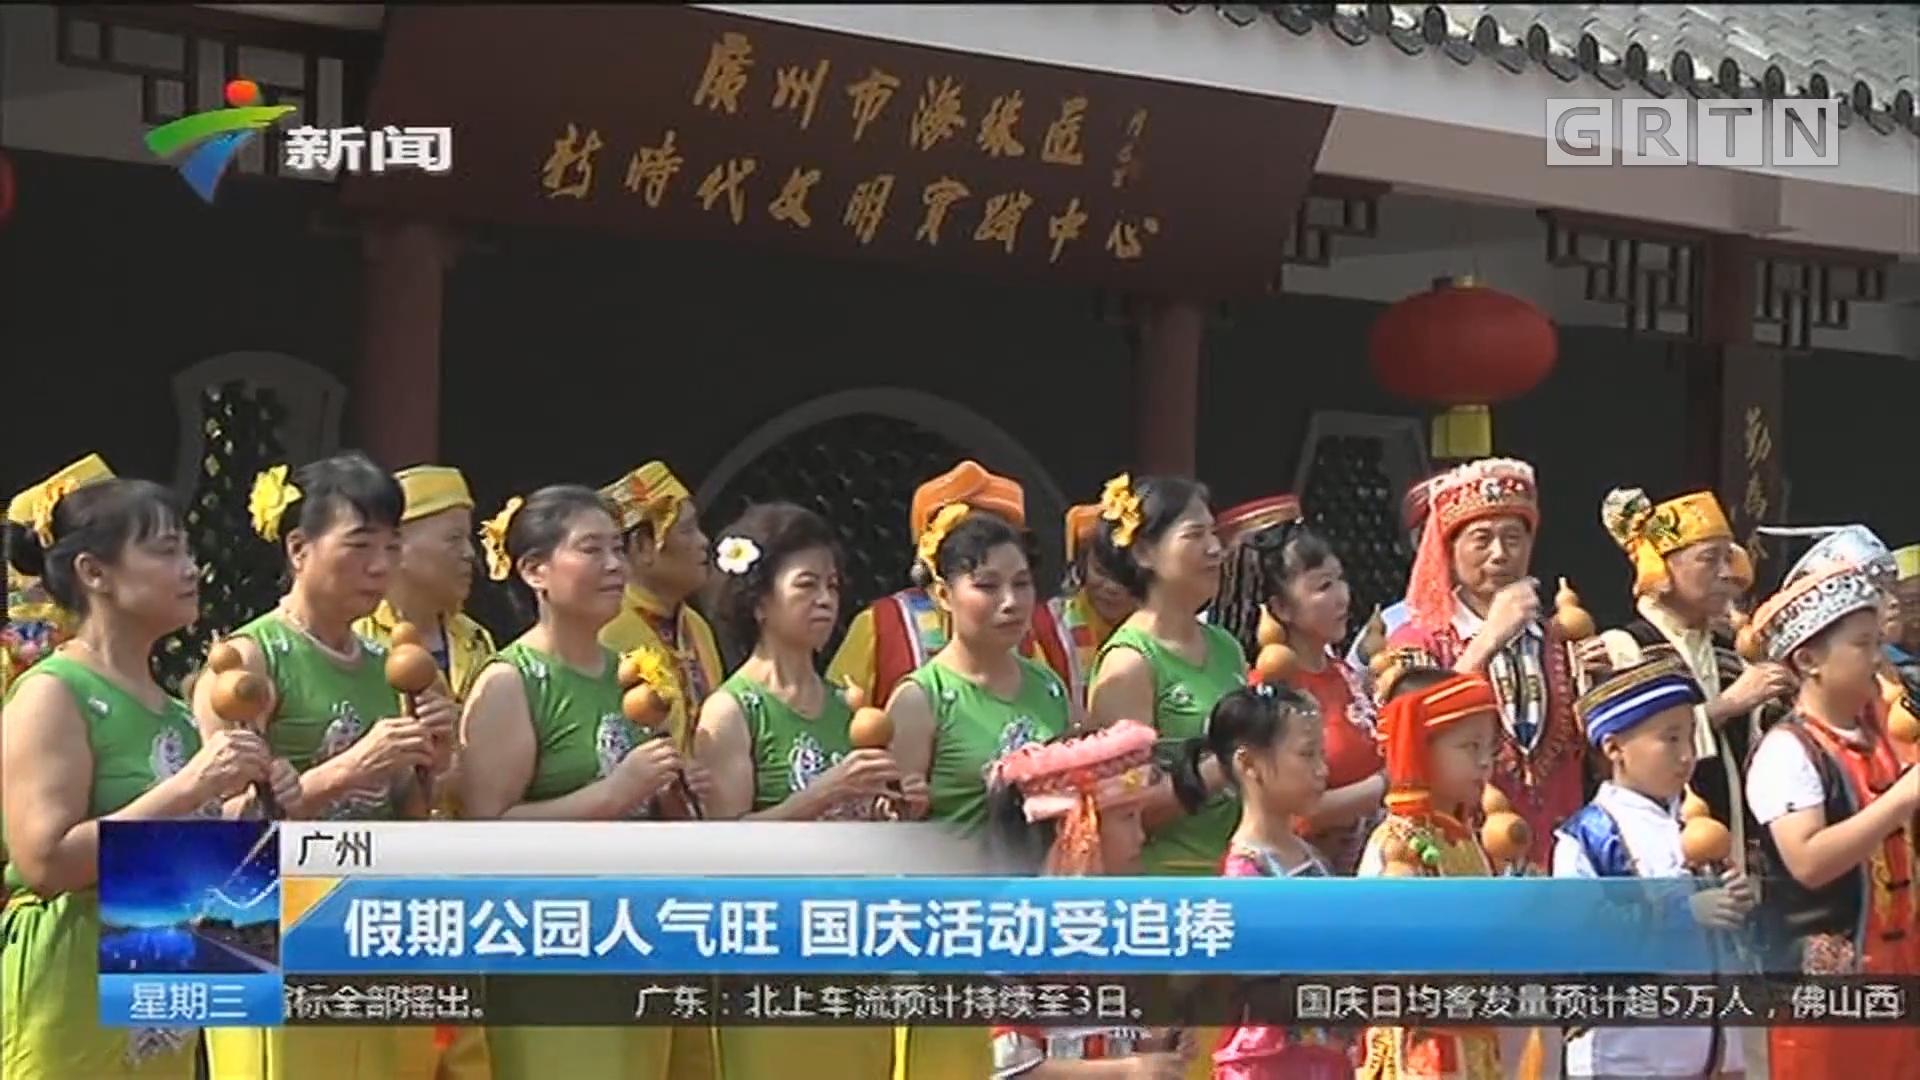 广州:假期公园人气旺 国庆活动受追捧